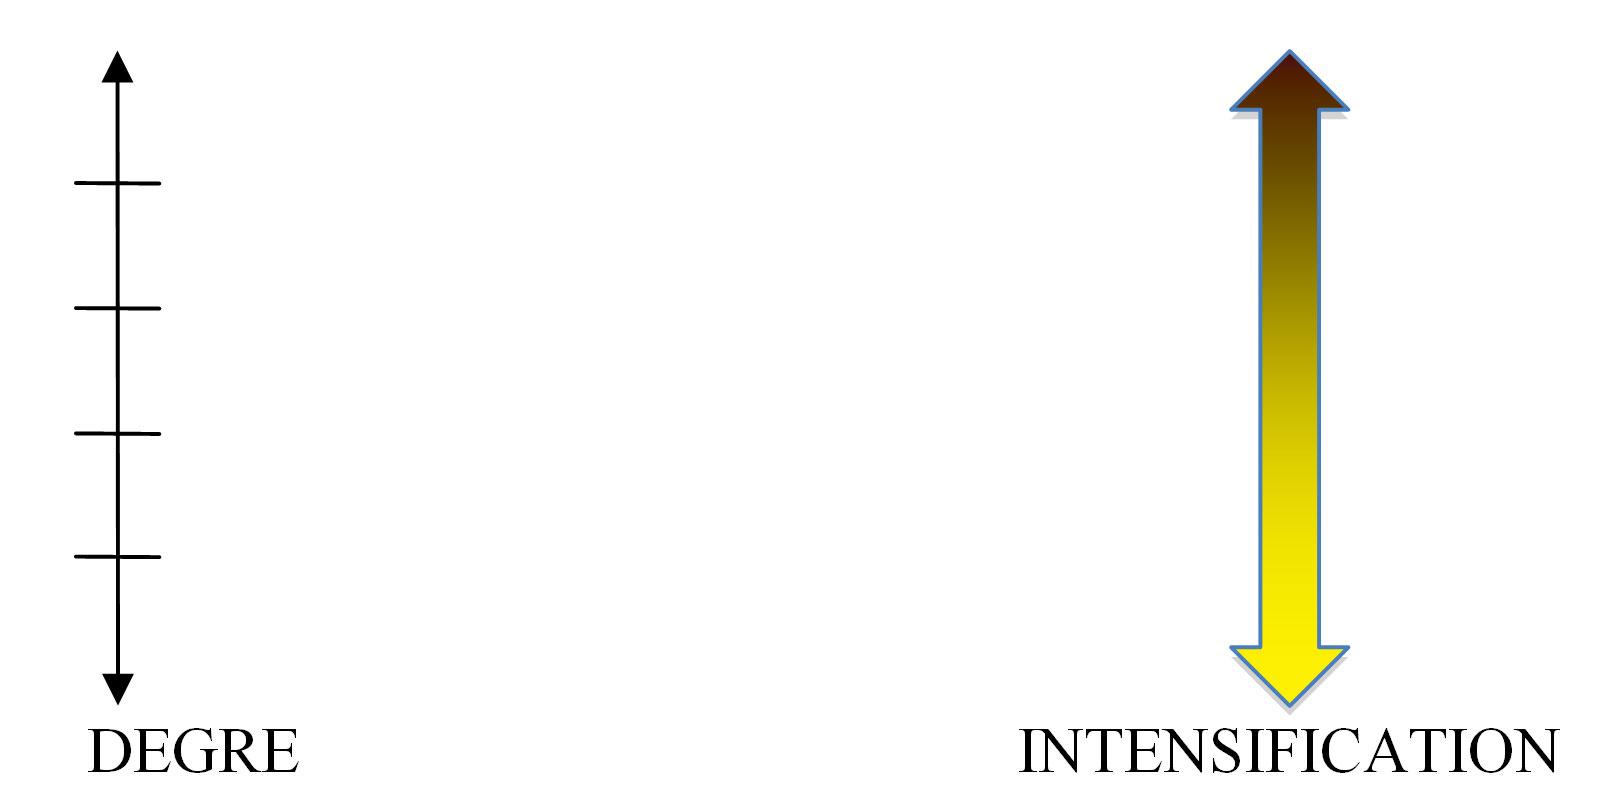 Degre Et Intensification Essai De Typologie